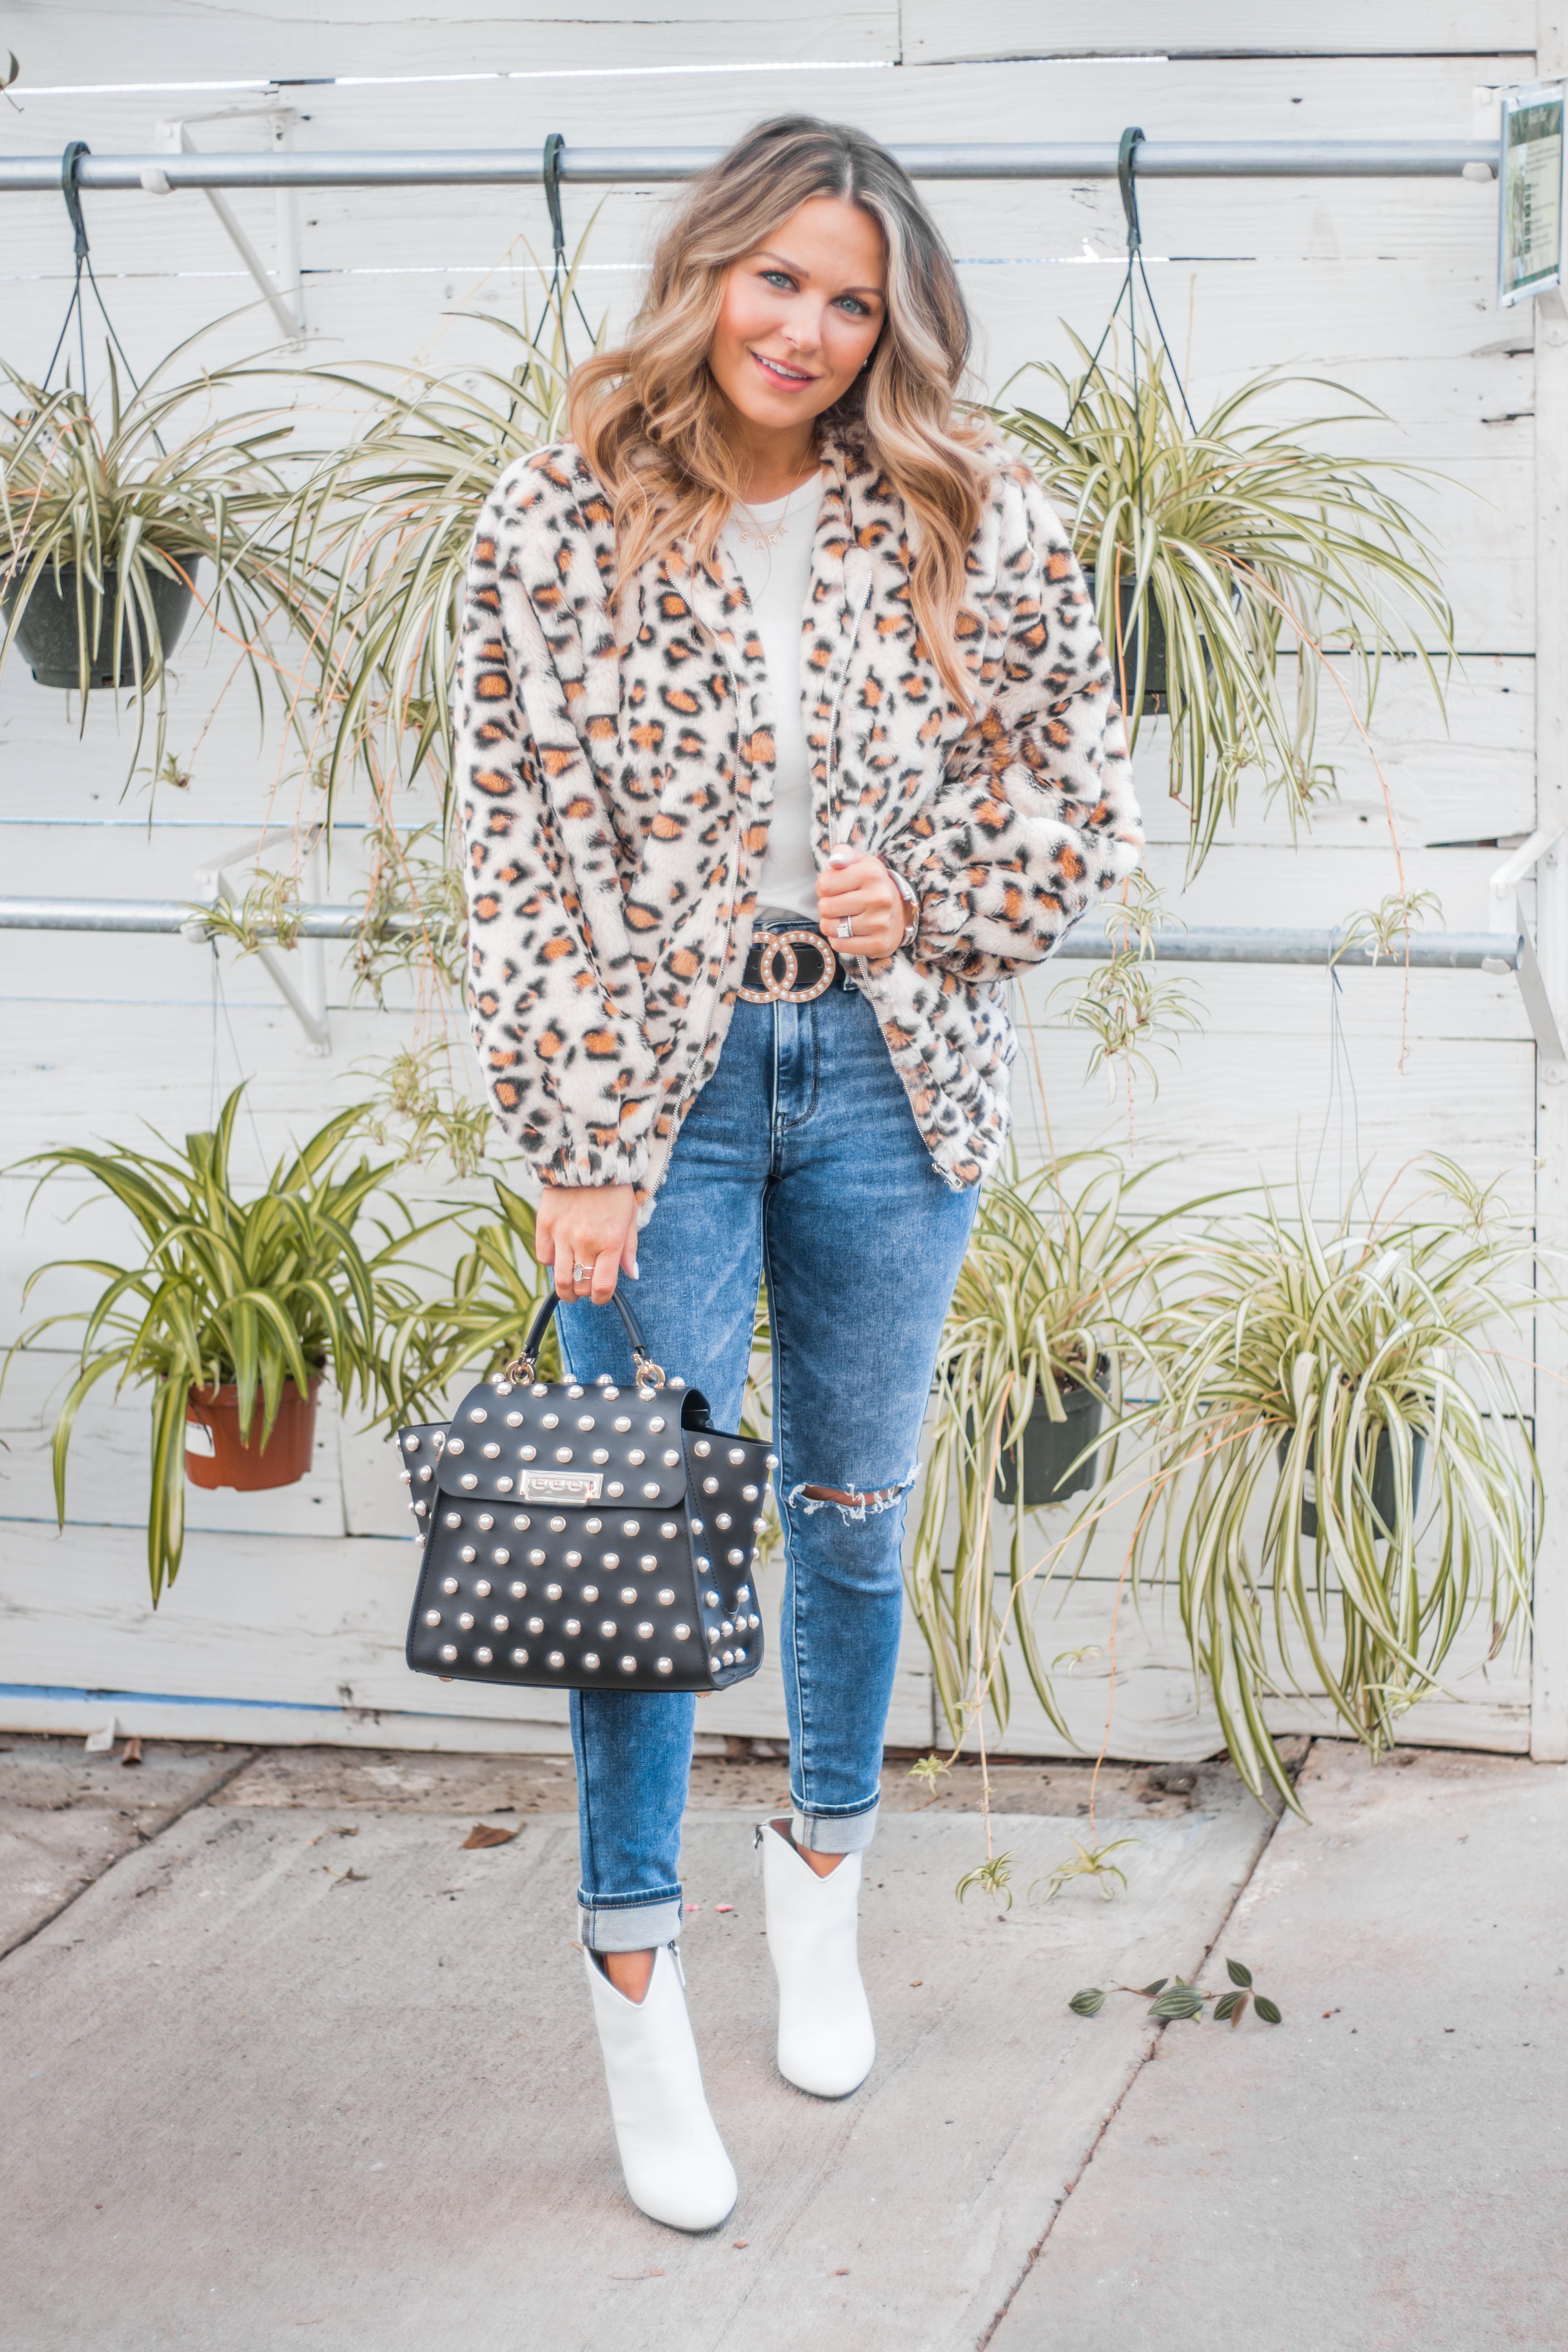 Women's Fashion - White Boots - Leopard Jacket - Spring Fashion - Winter Fashion - Zac Posen Eartha - Outfit Inspo - OOTD - 20